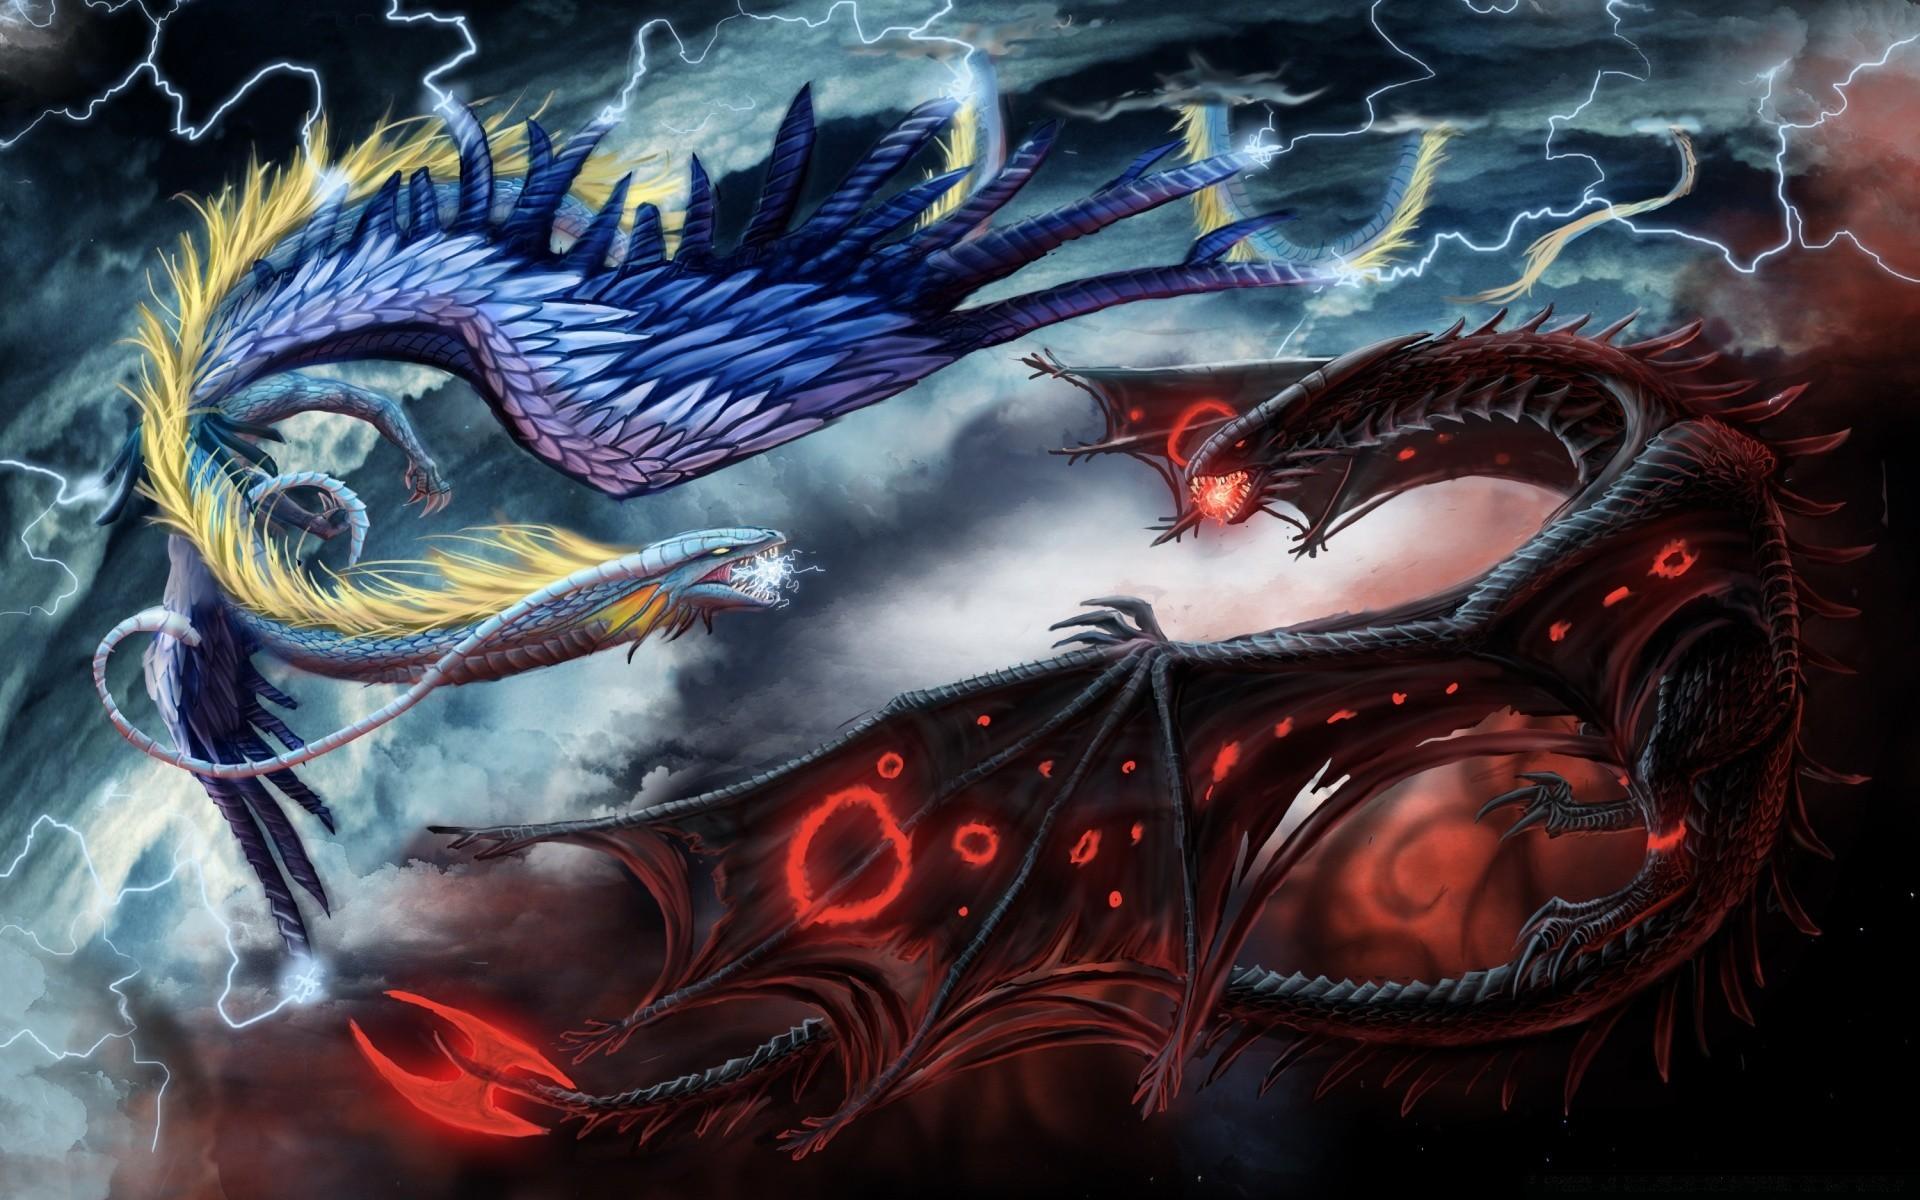 картинки драконов красивые на рабочий занимаюсь спортом